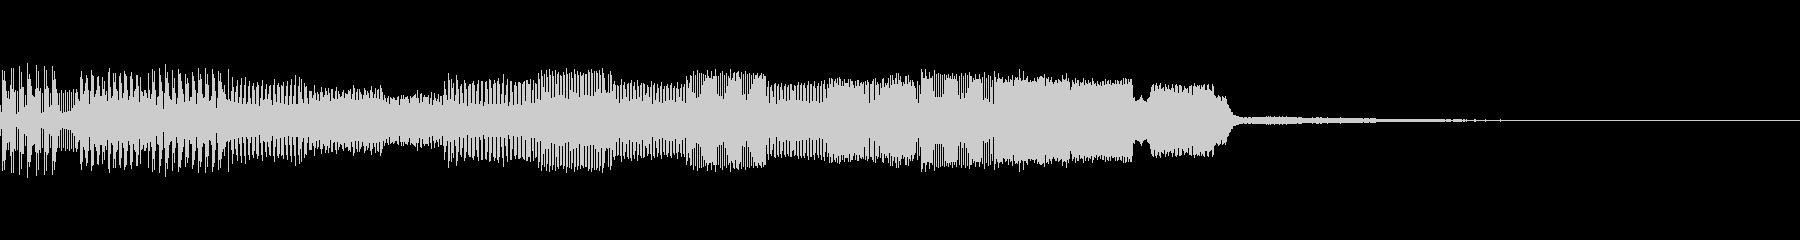 決定音02(電子音)の未再生の波形